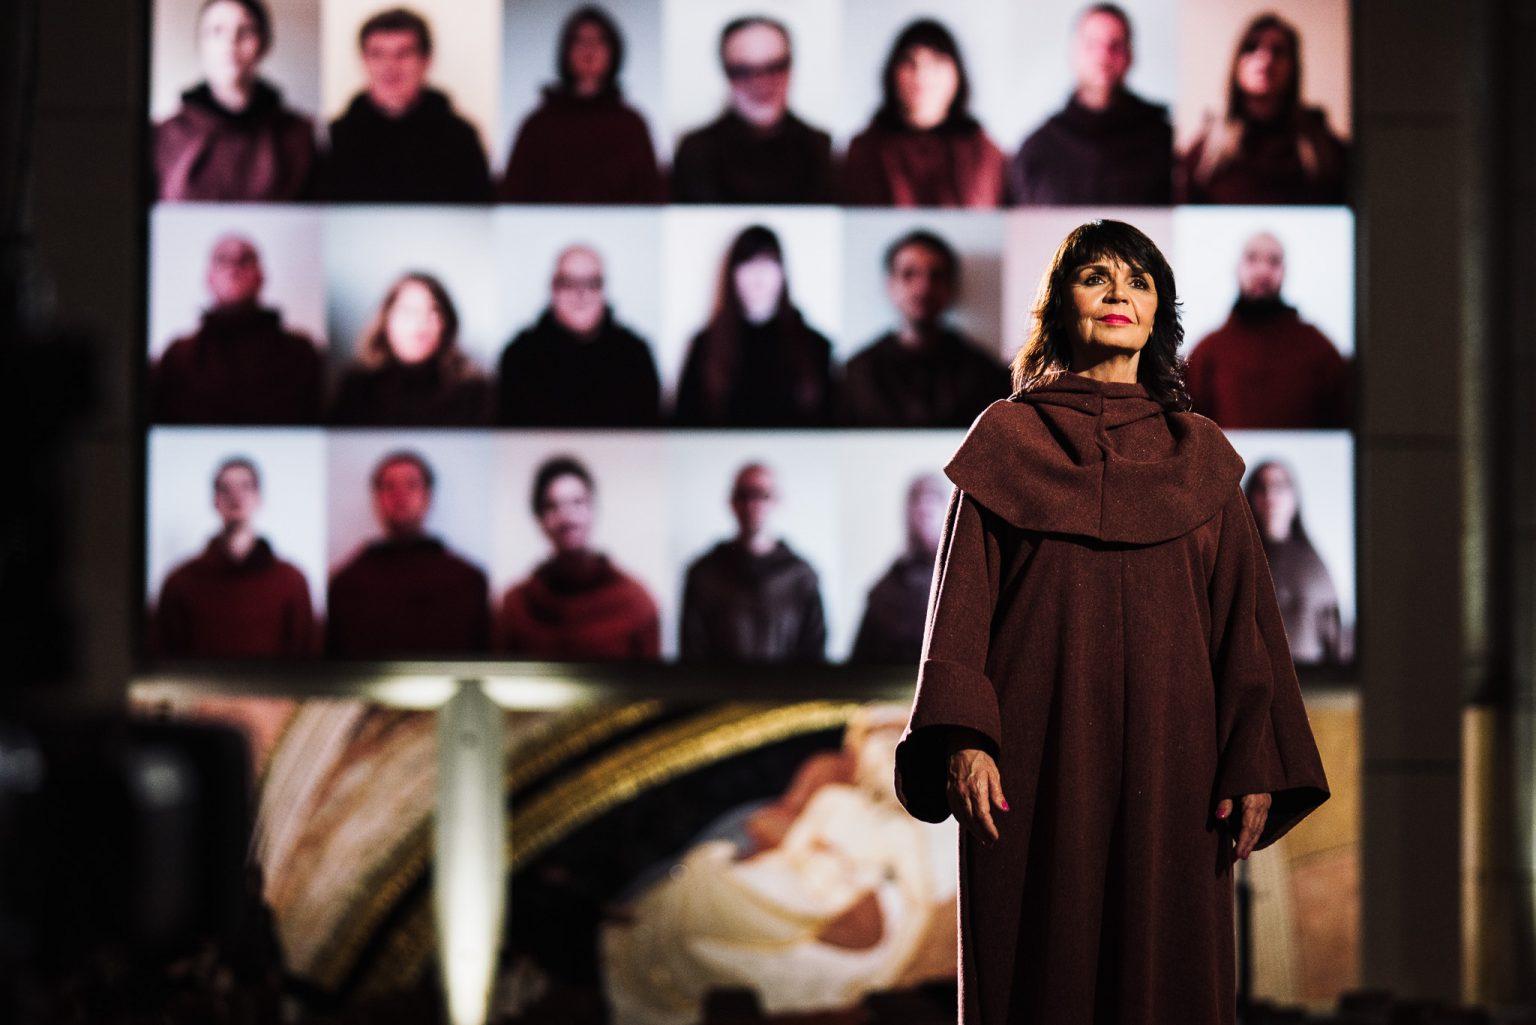 на переднем плане женщина в скромном платье, напоминающем монашеское облаченье – участница концерта, на заднем плане видеоэкран сучастниками хора